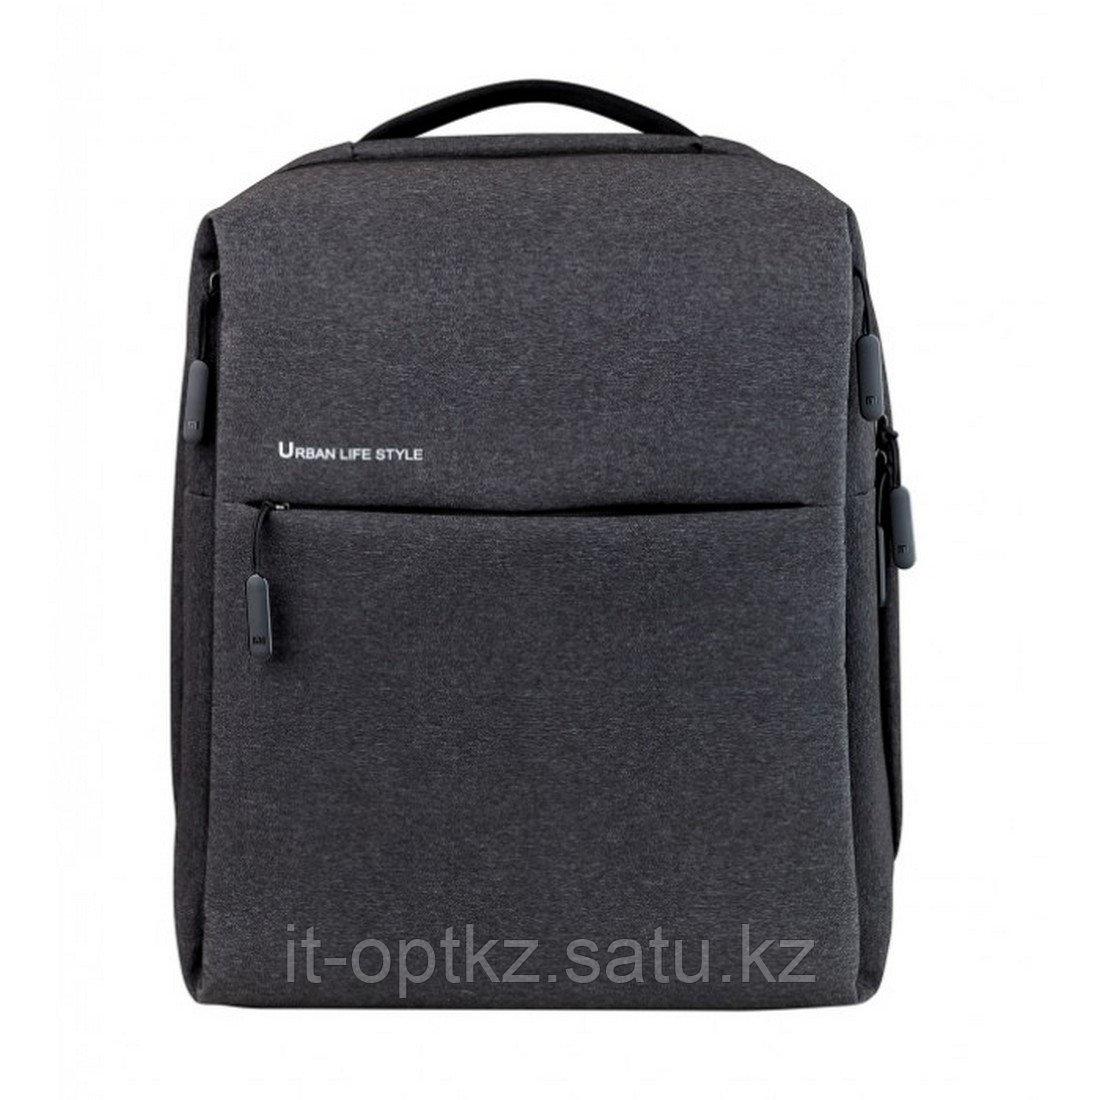 Рюкзак для ноутбука Xiaomi Mi City (Urban) Backpack Чёрный